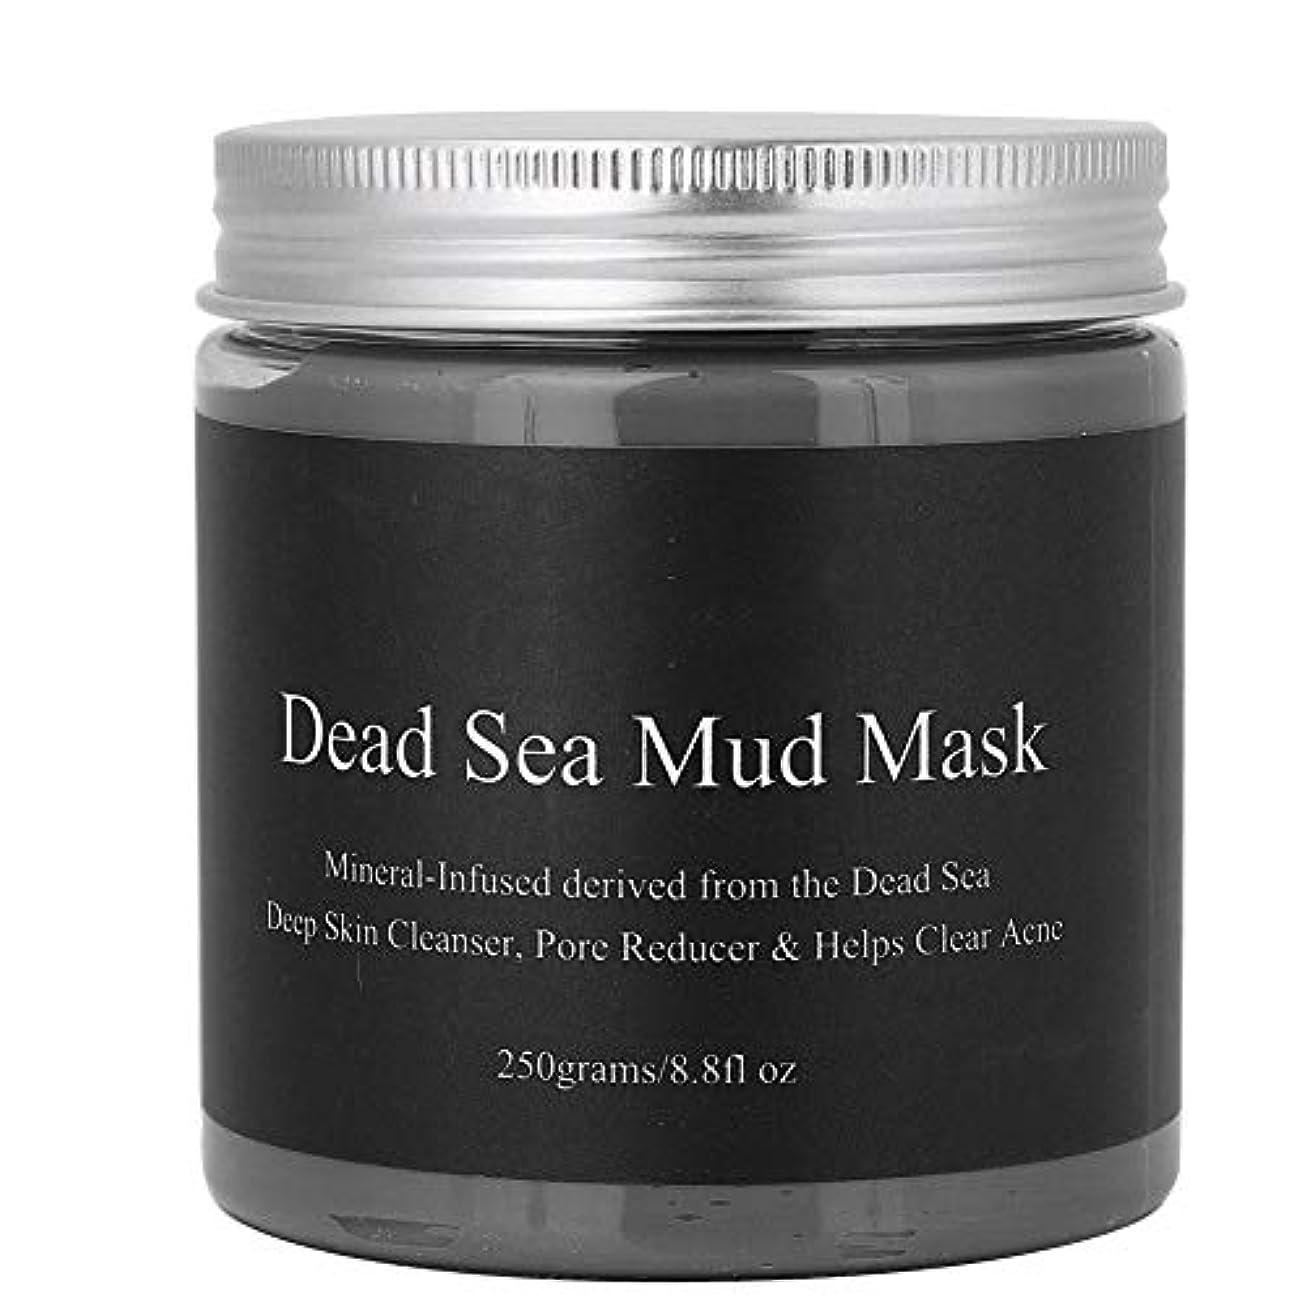 単にこだわり割れ目死海の泥マスク、フェイシャルマスク保湿栄養マスク - 250 g